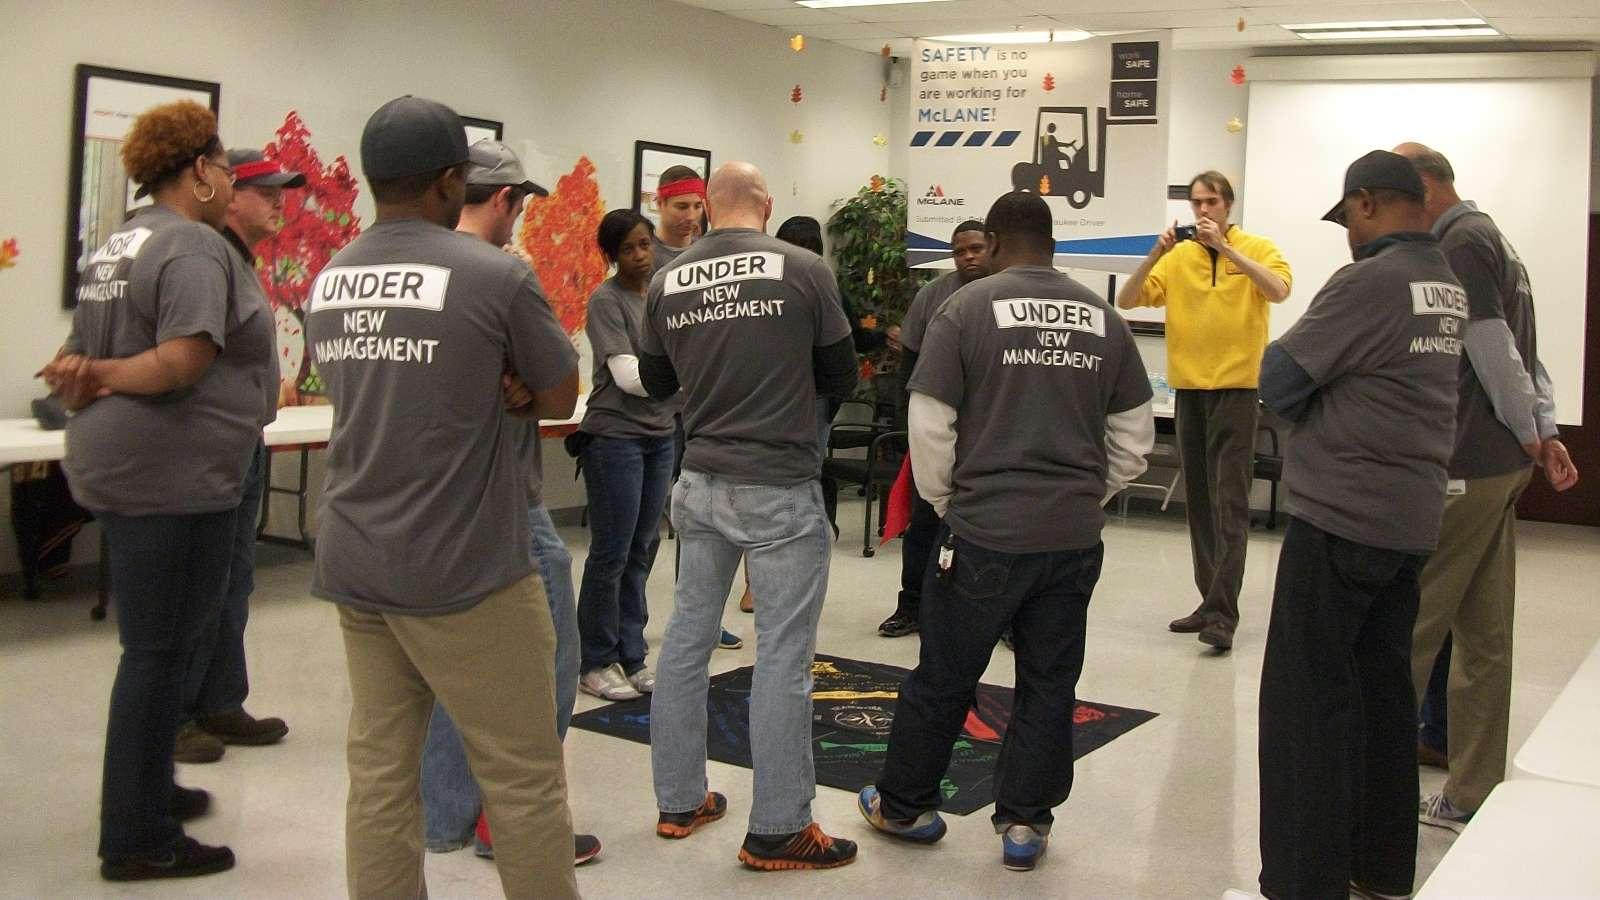 leaders practicing leadership skills